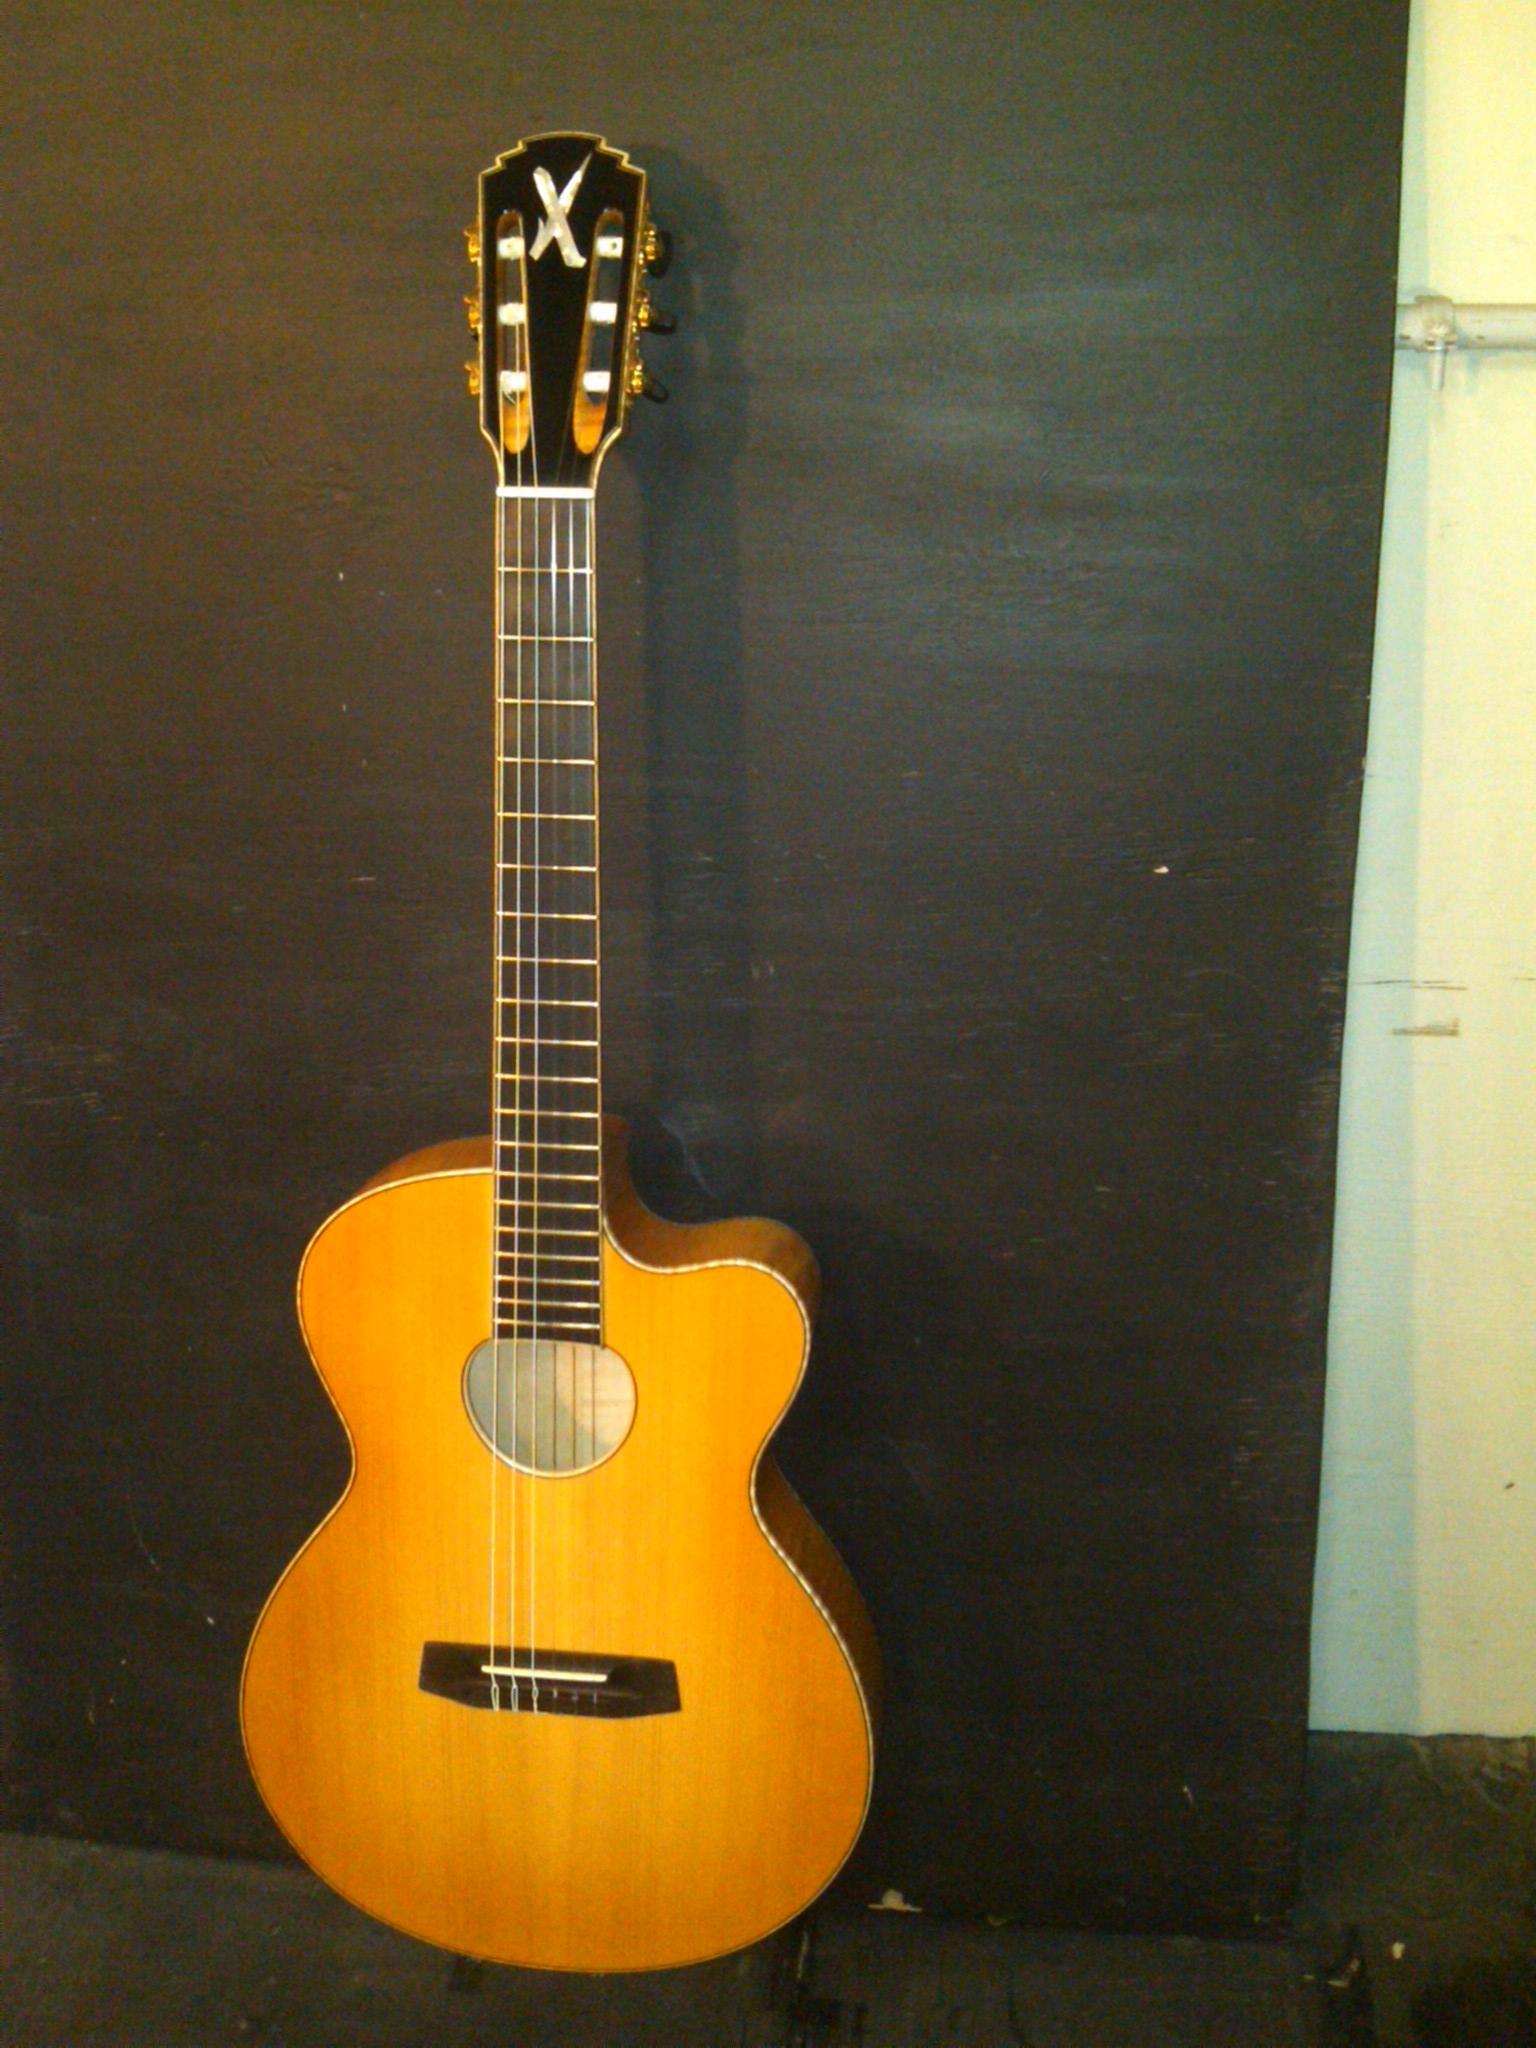 borys_guitars_d87654ca_552521.jpg